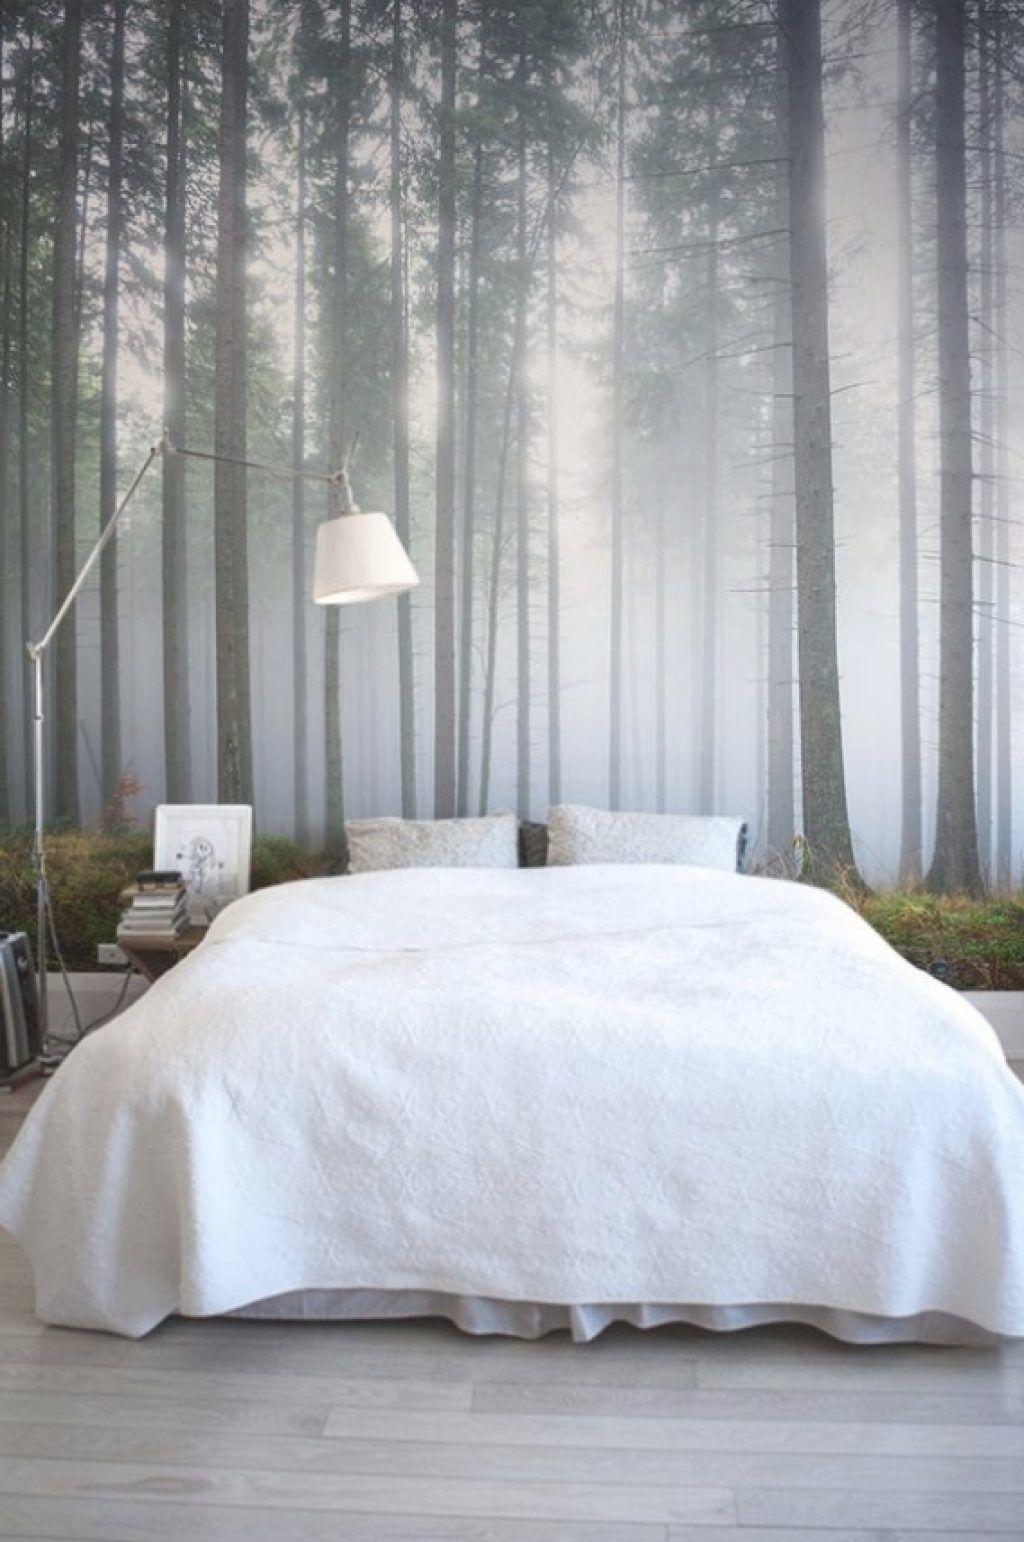 fotobehang slaapkamer betrekking tot behang slaapkamer inspiratie slaapkamer ideeen